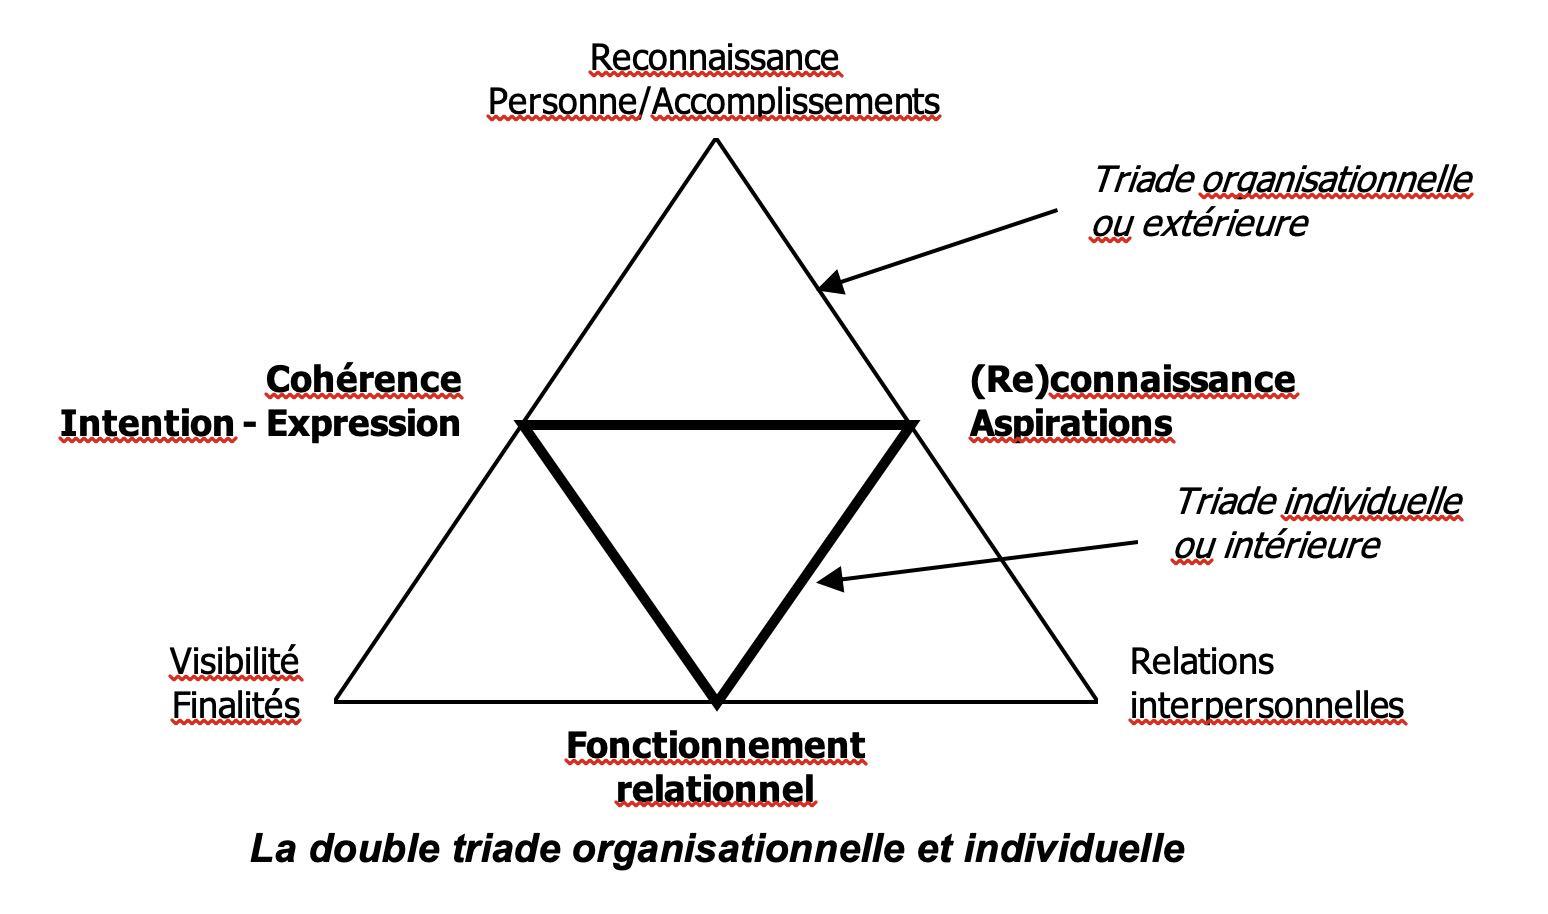 LA double triade organisationnelle et individuelle